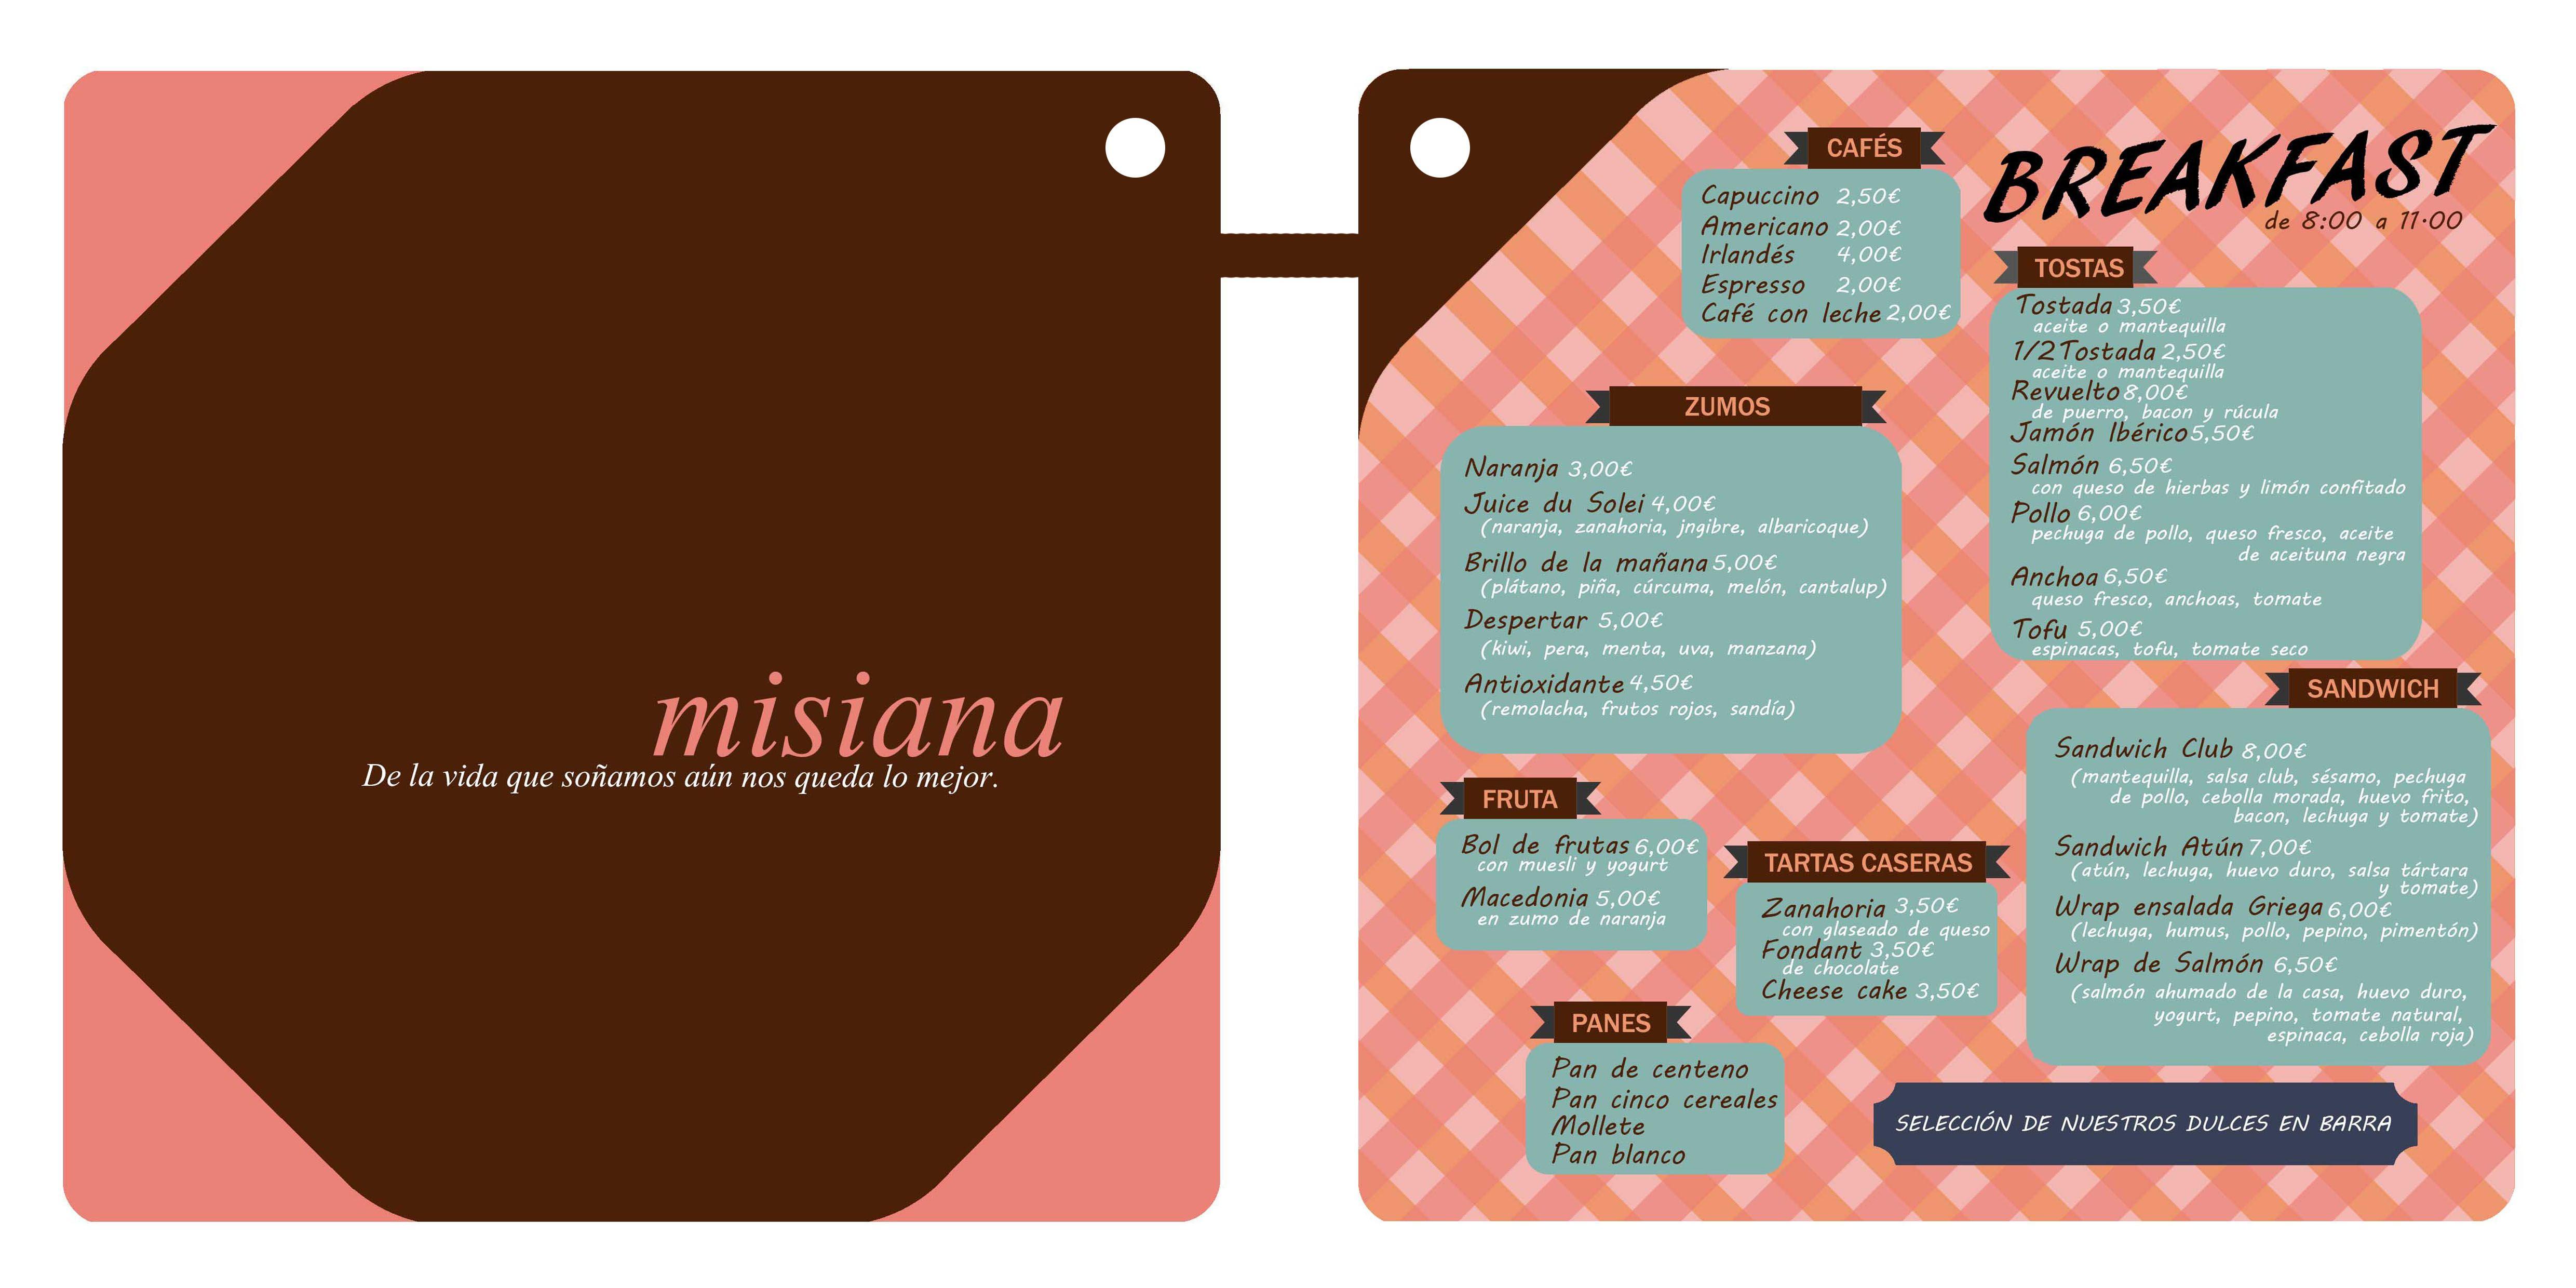 Restaurante Misiana. Tarifa 2014